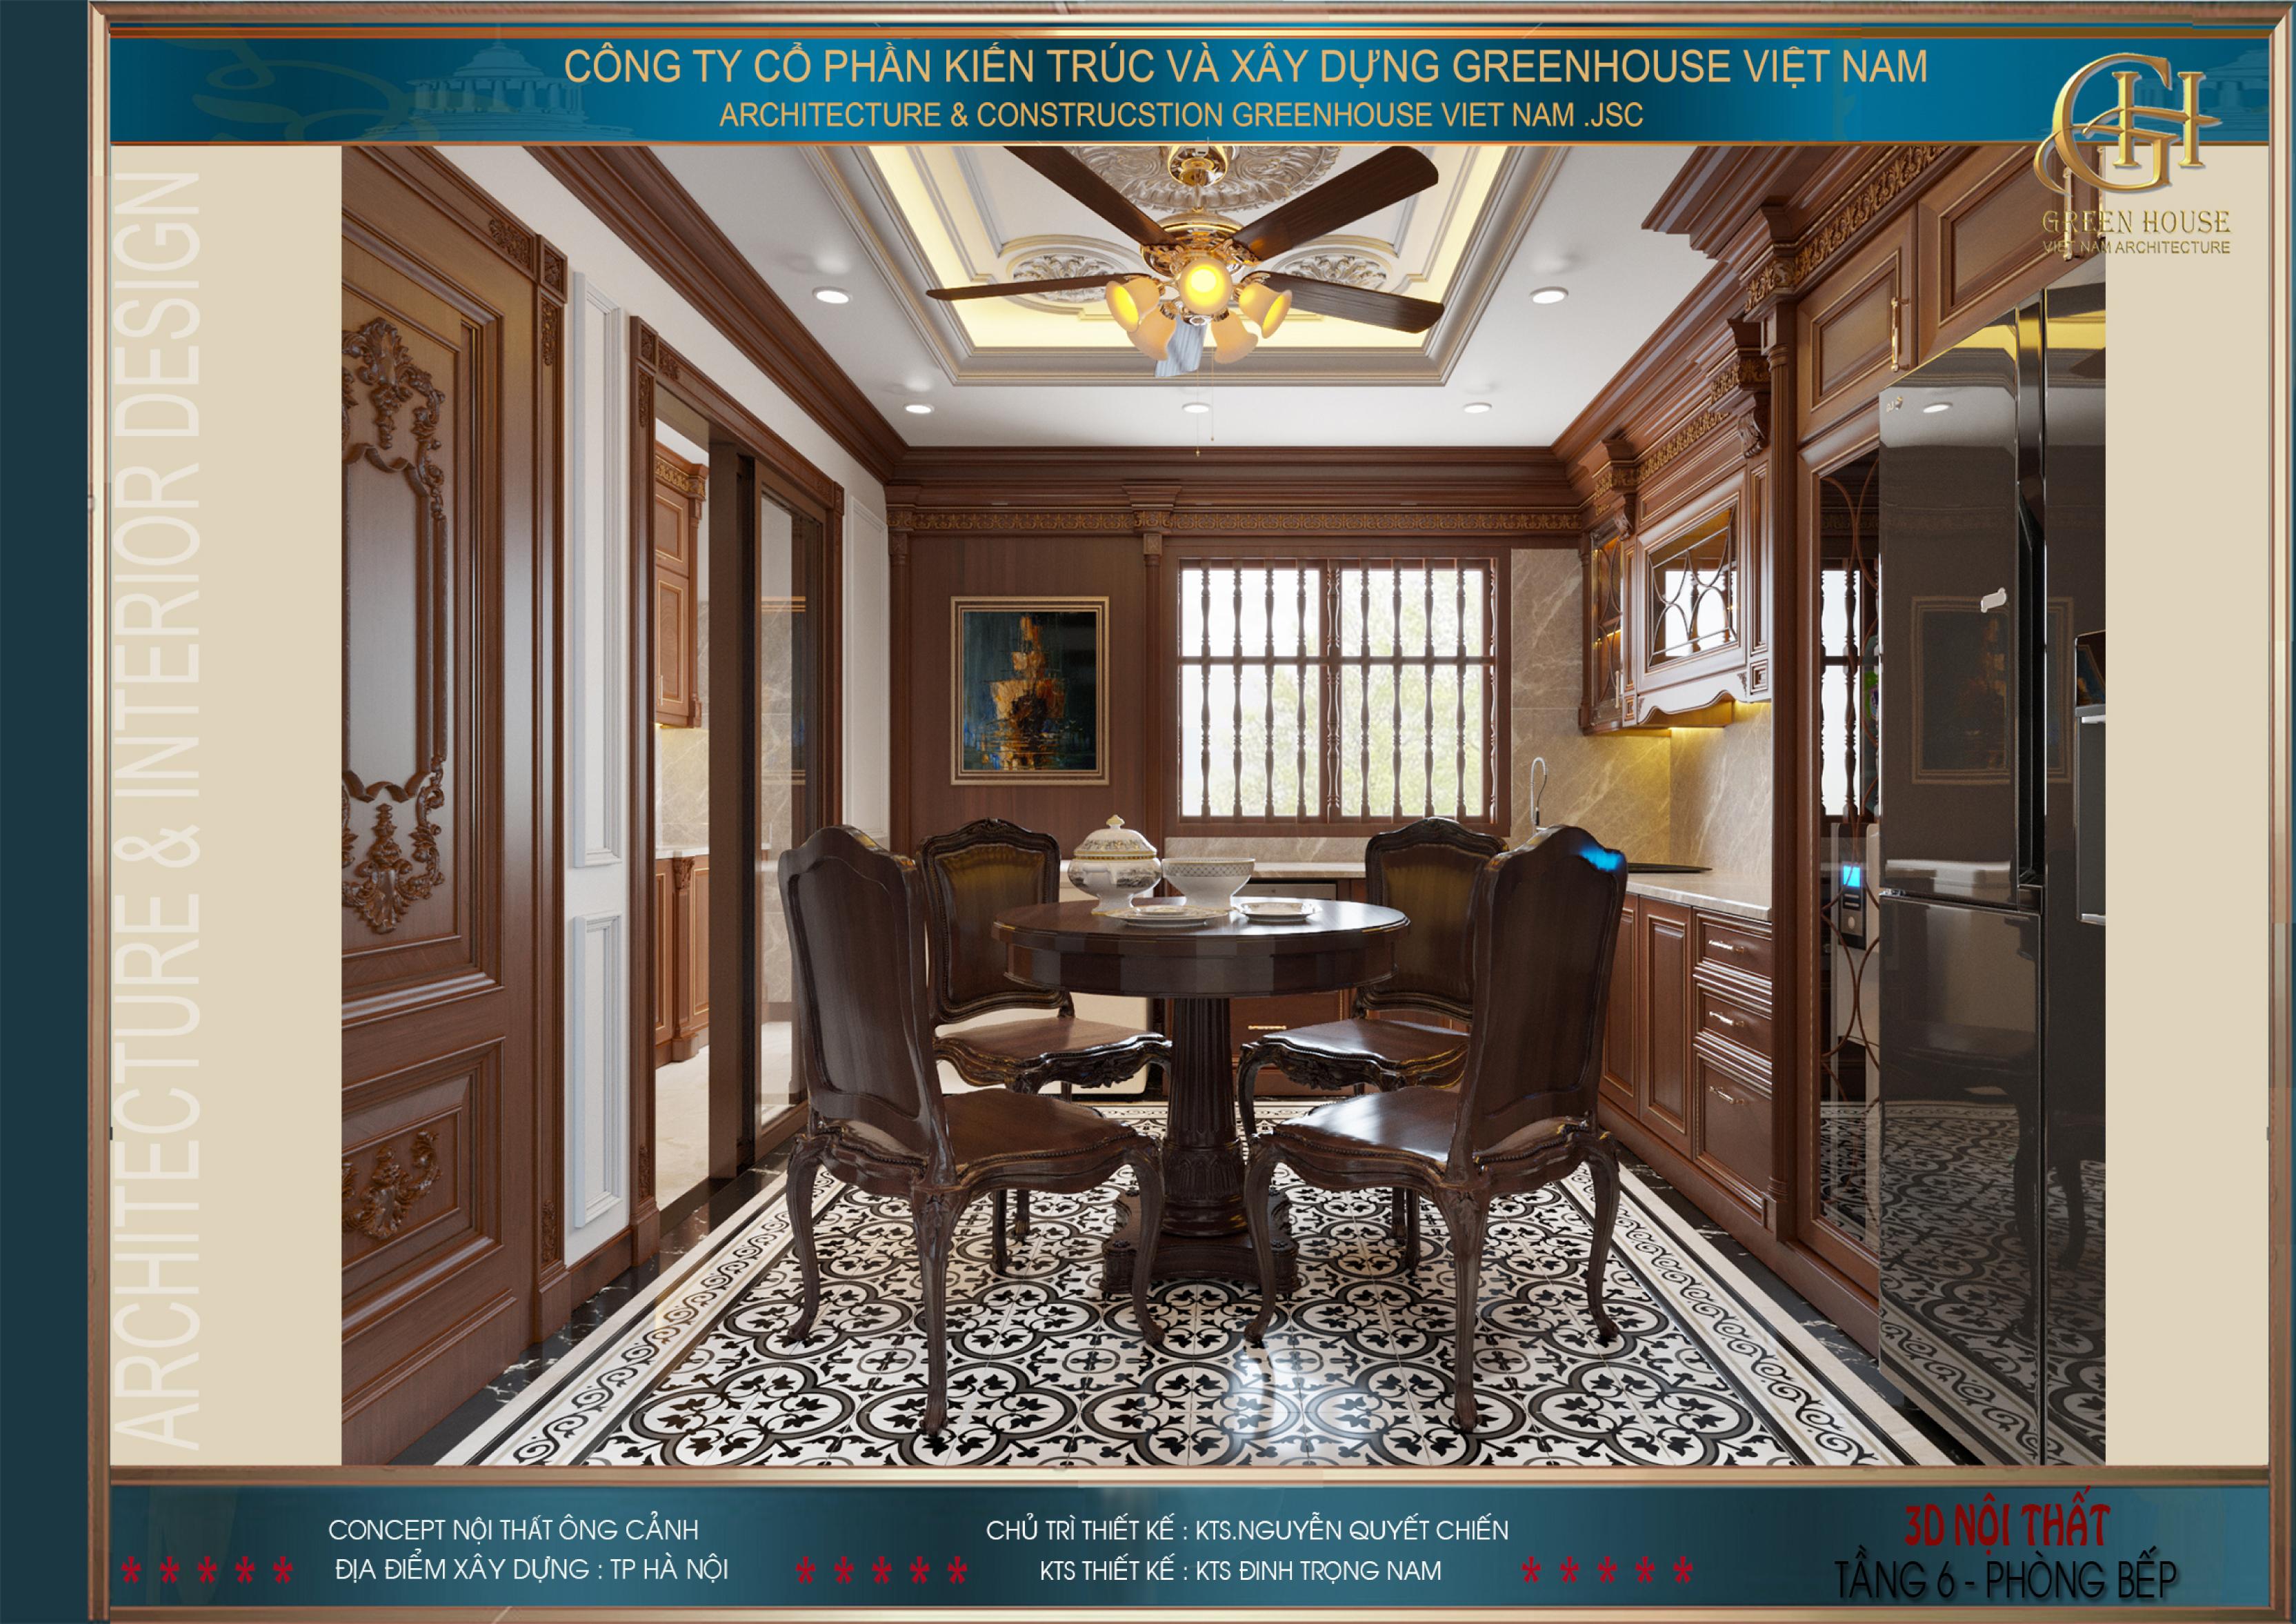 Thiết kế phòng bếp với chất liệu gỗ nâu ấm áp